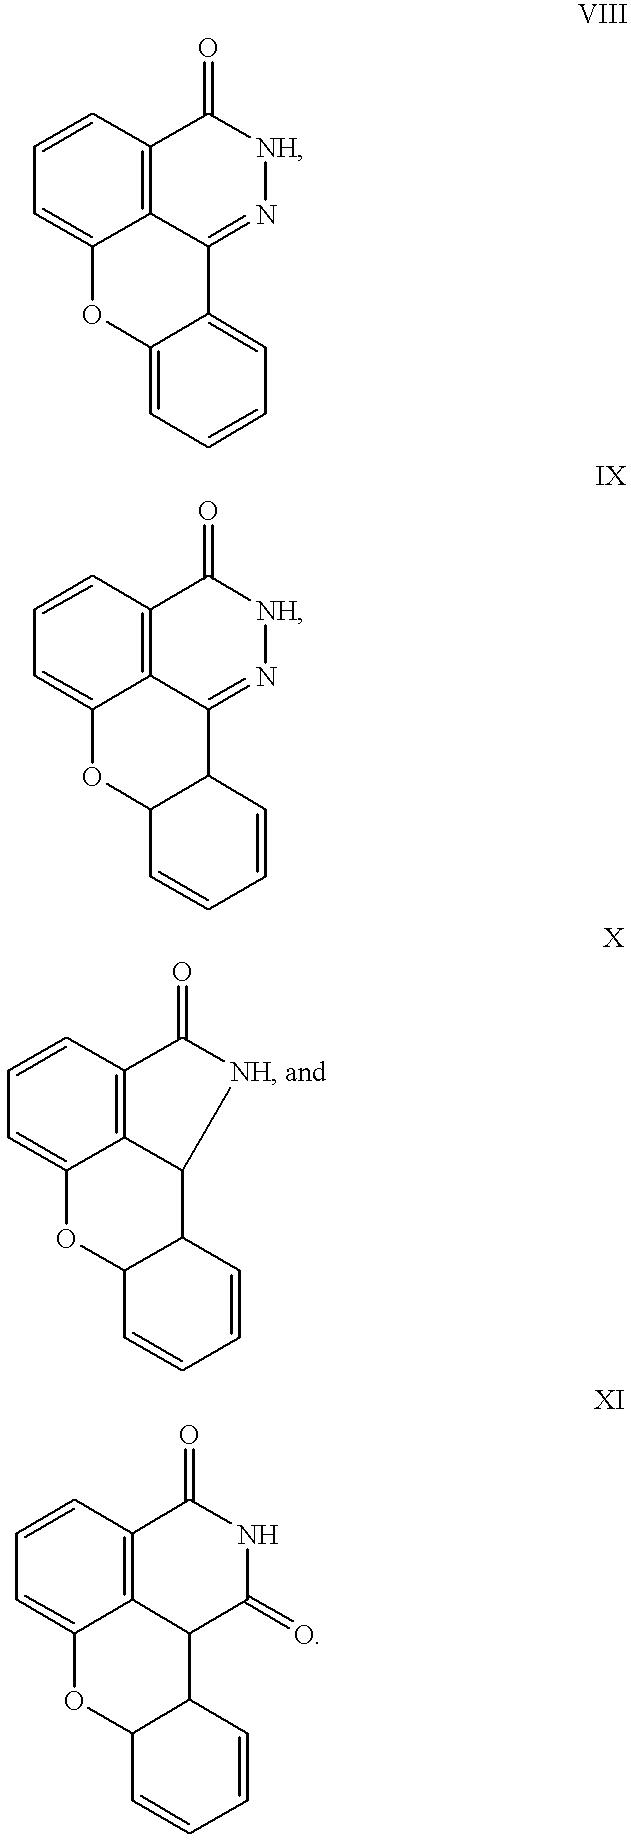 Figure US06306889-20011023-C00008